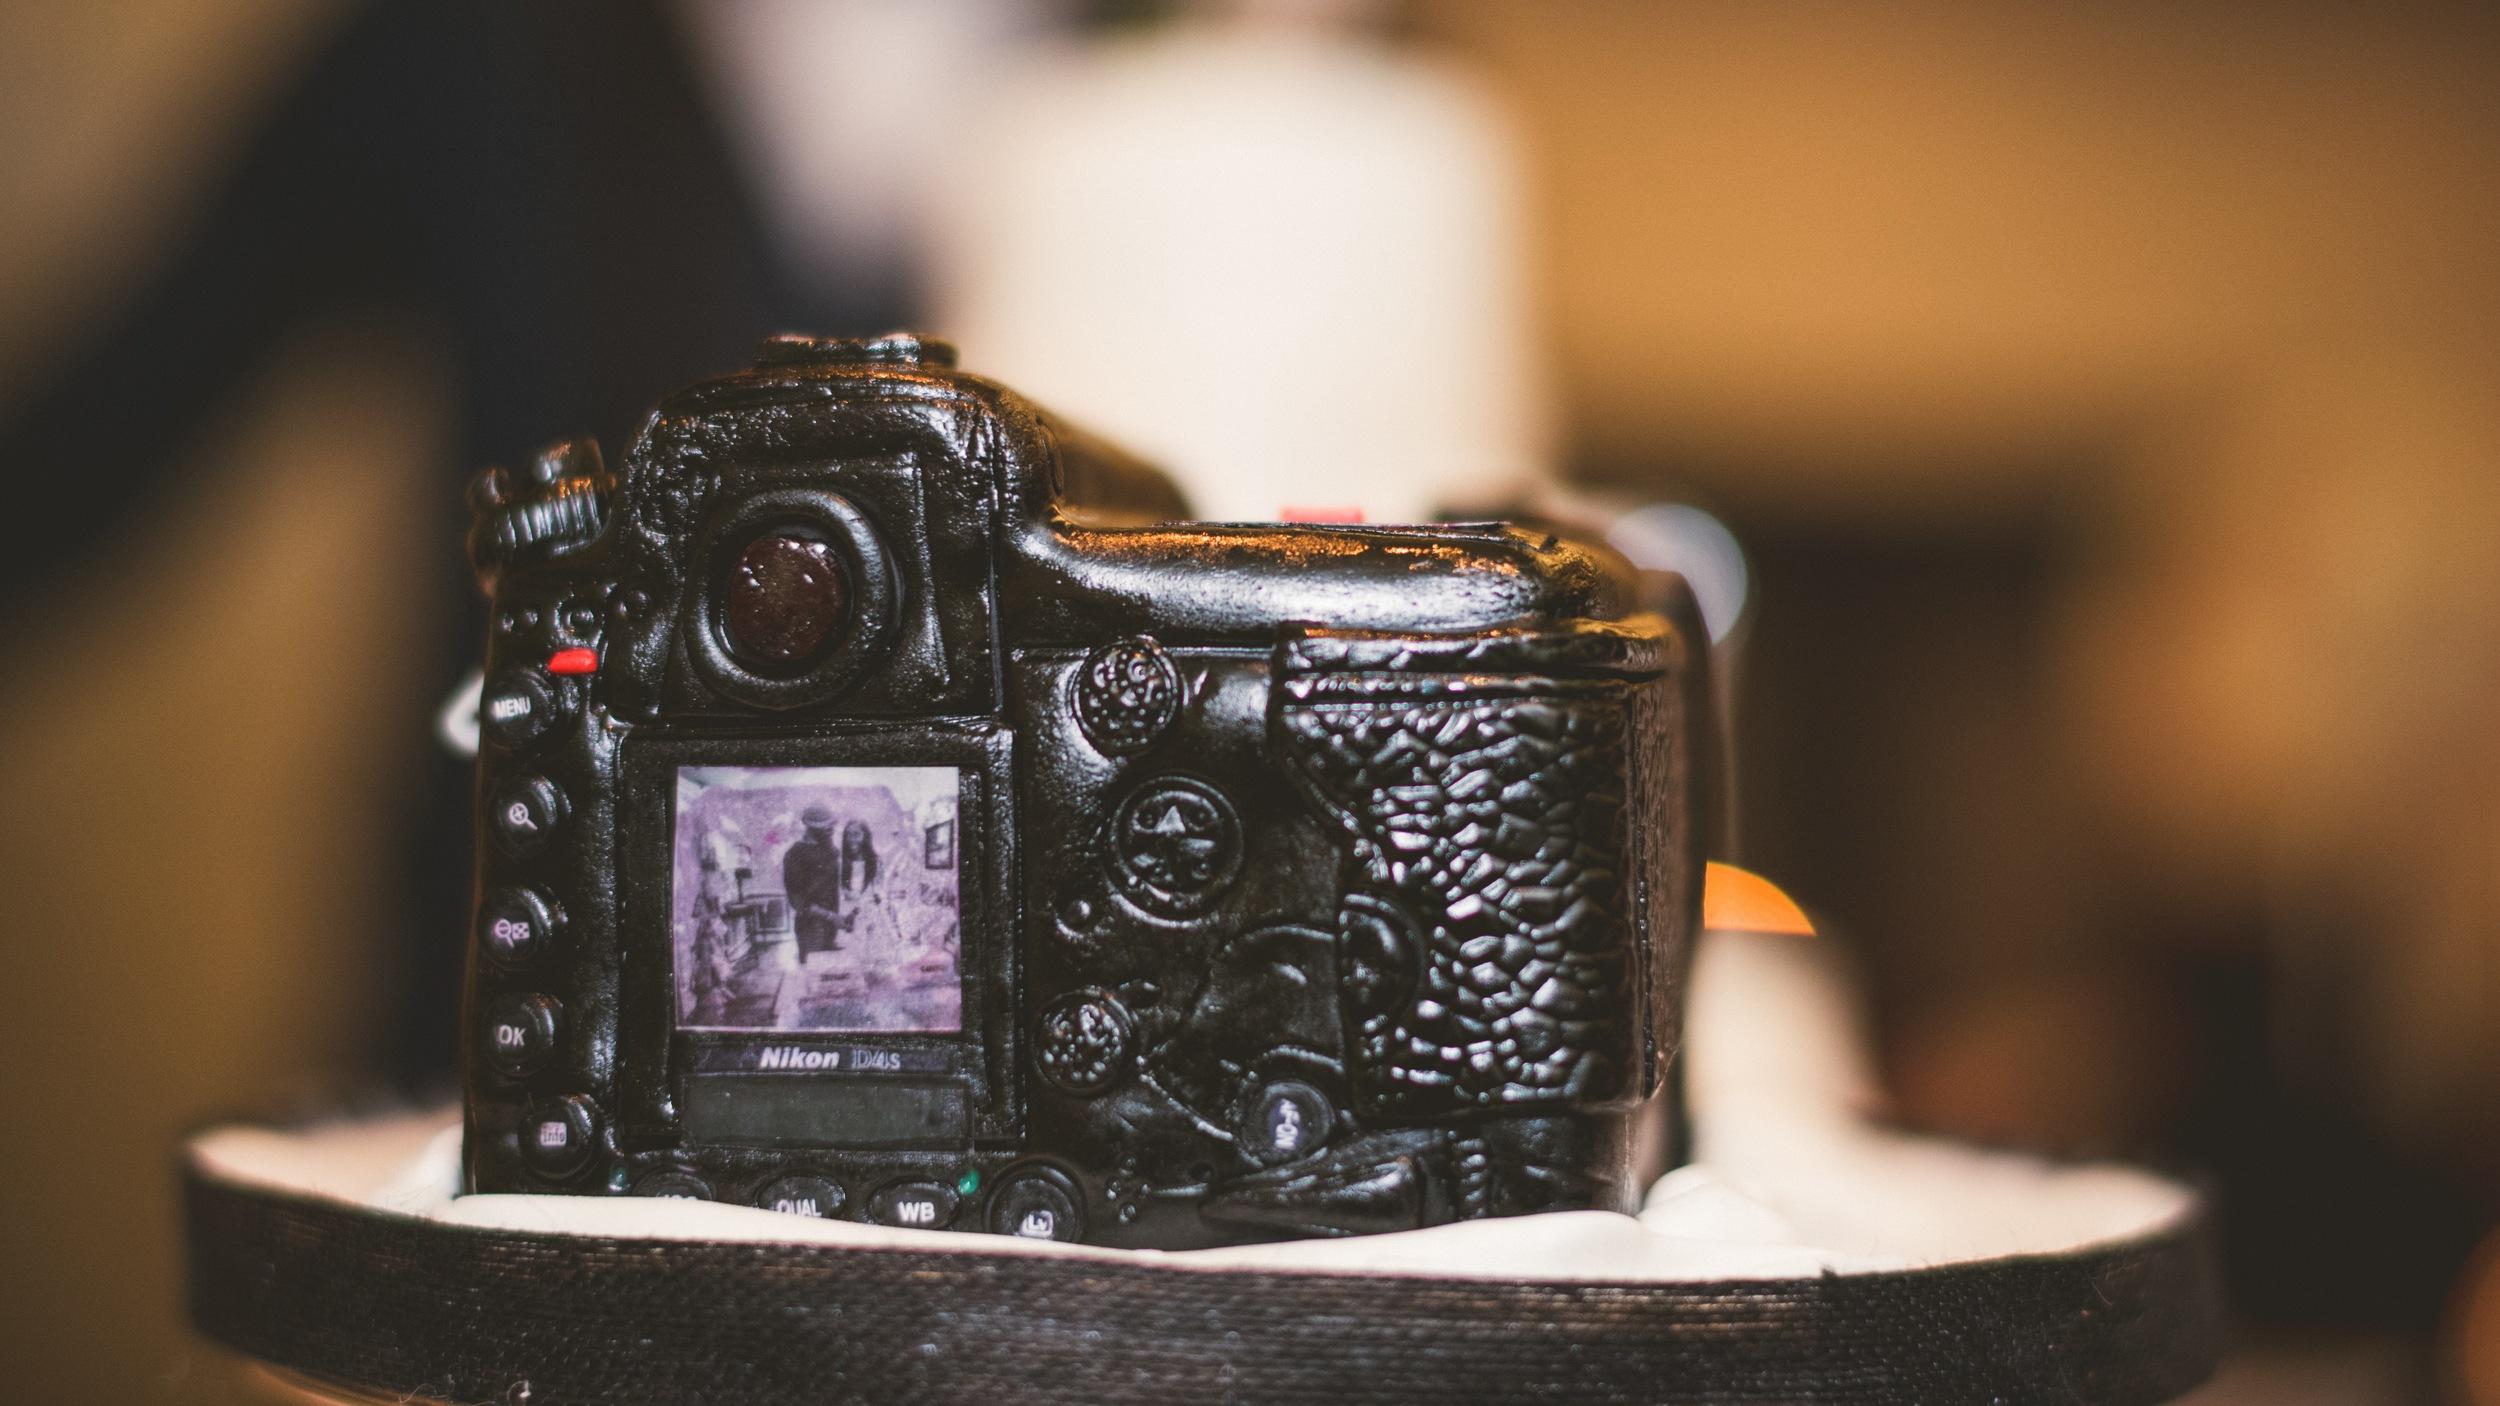 72-nikon-d4s-wedding-cake.jpg